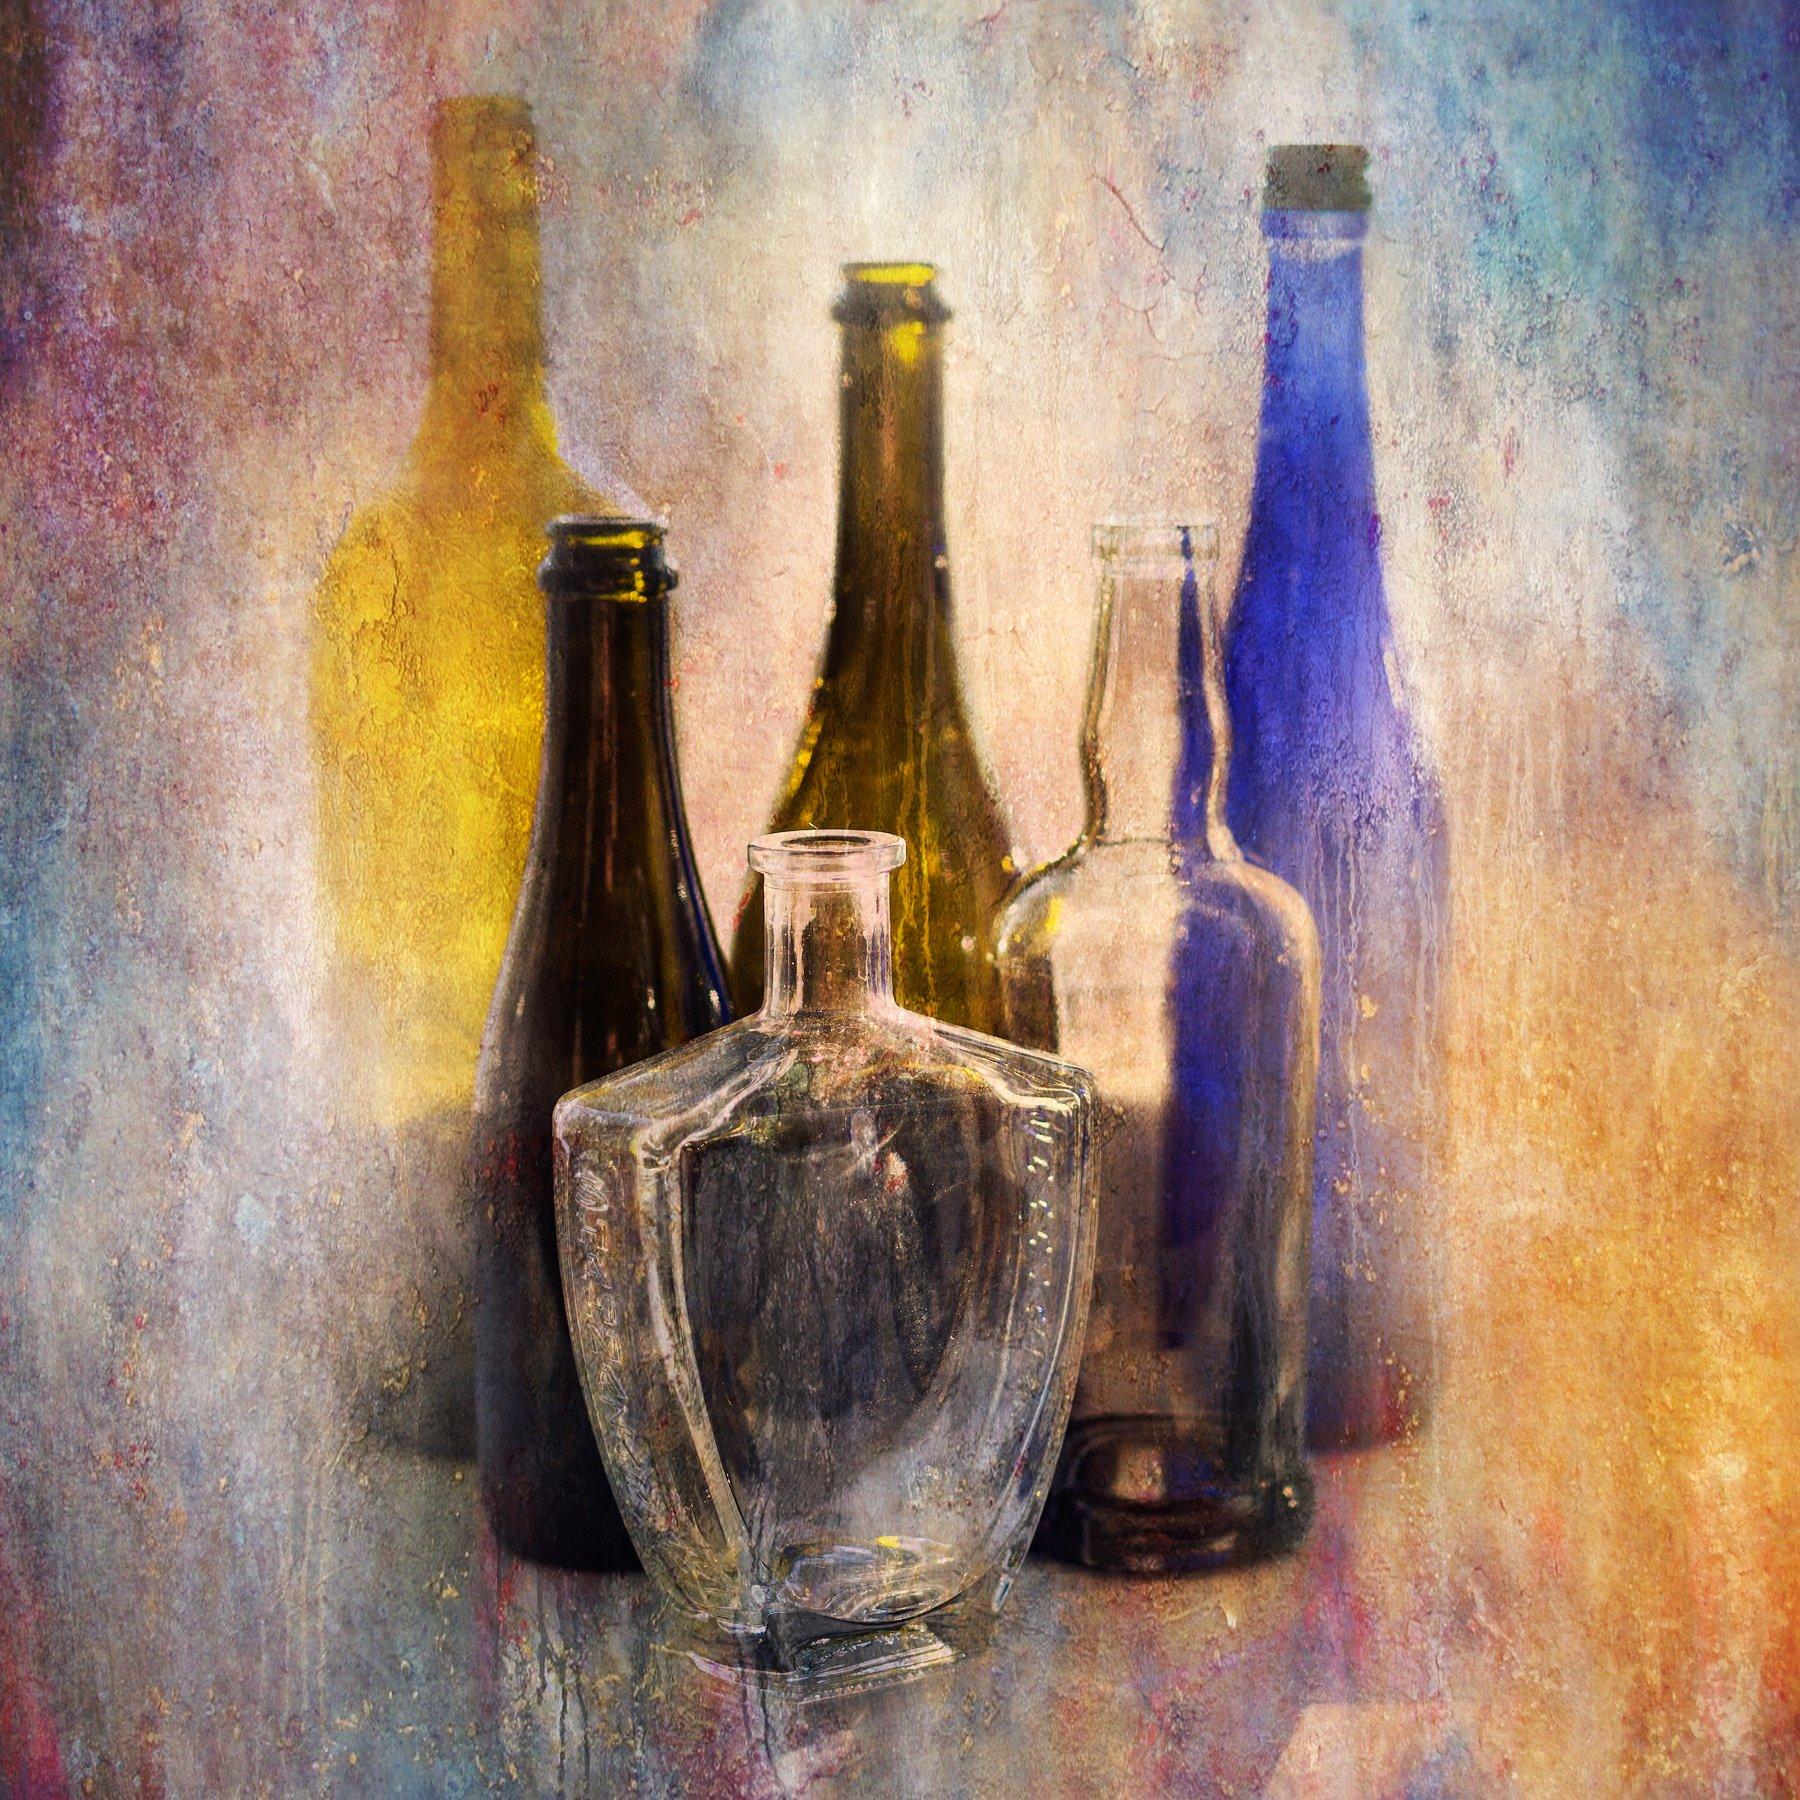 фото , цвет , натюрморт , бутылка , стекло , томаты , светлый тон, Федотов Вадим(Vadius)